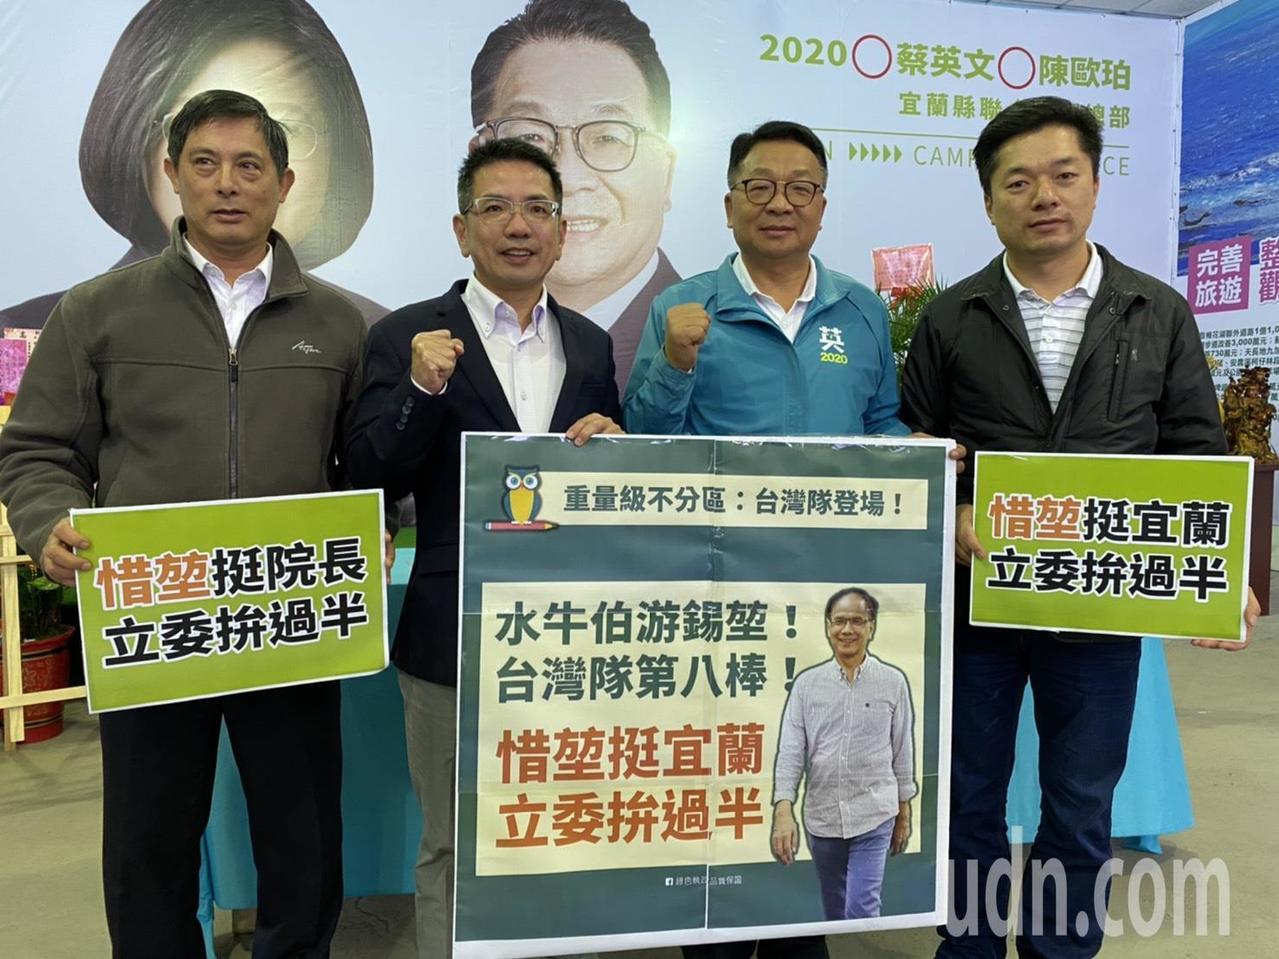 民進黨不分區立委名單昨天出爐,游錫堃排入第8名,也就是政治組的第1名,立法委員陳...